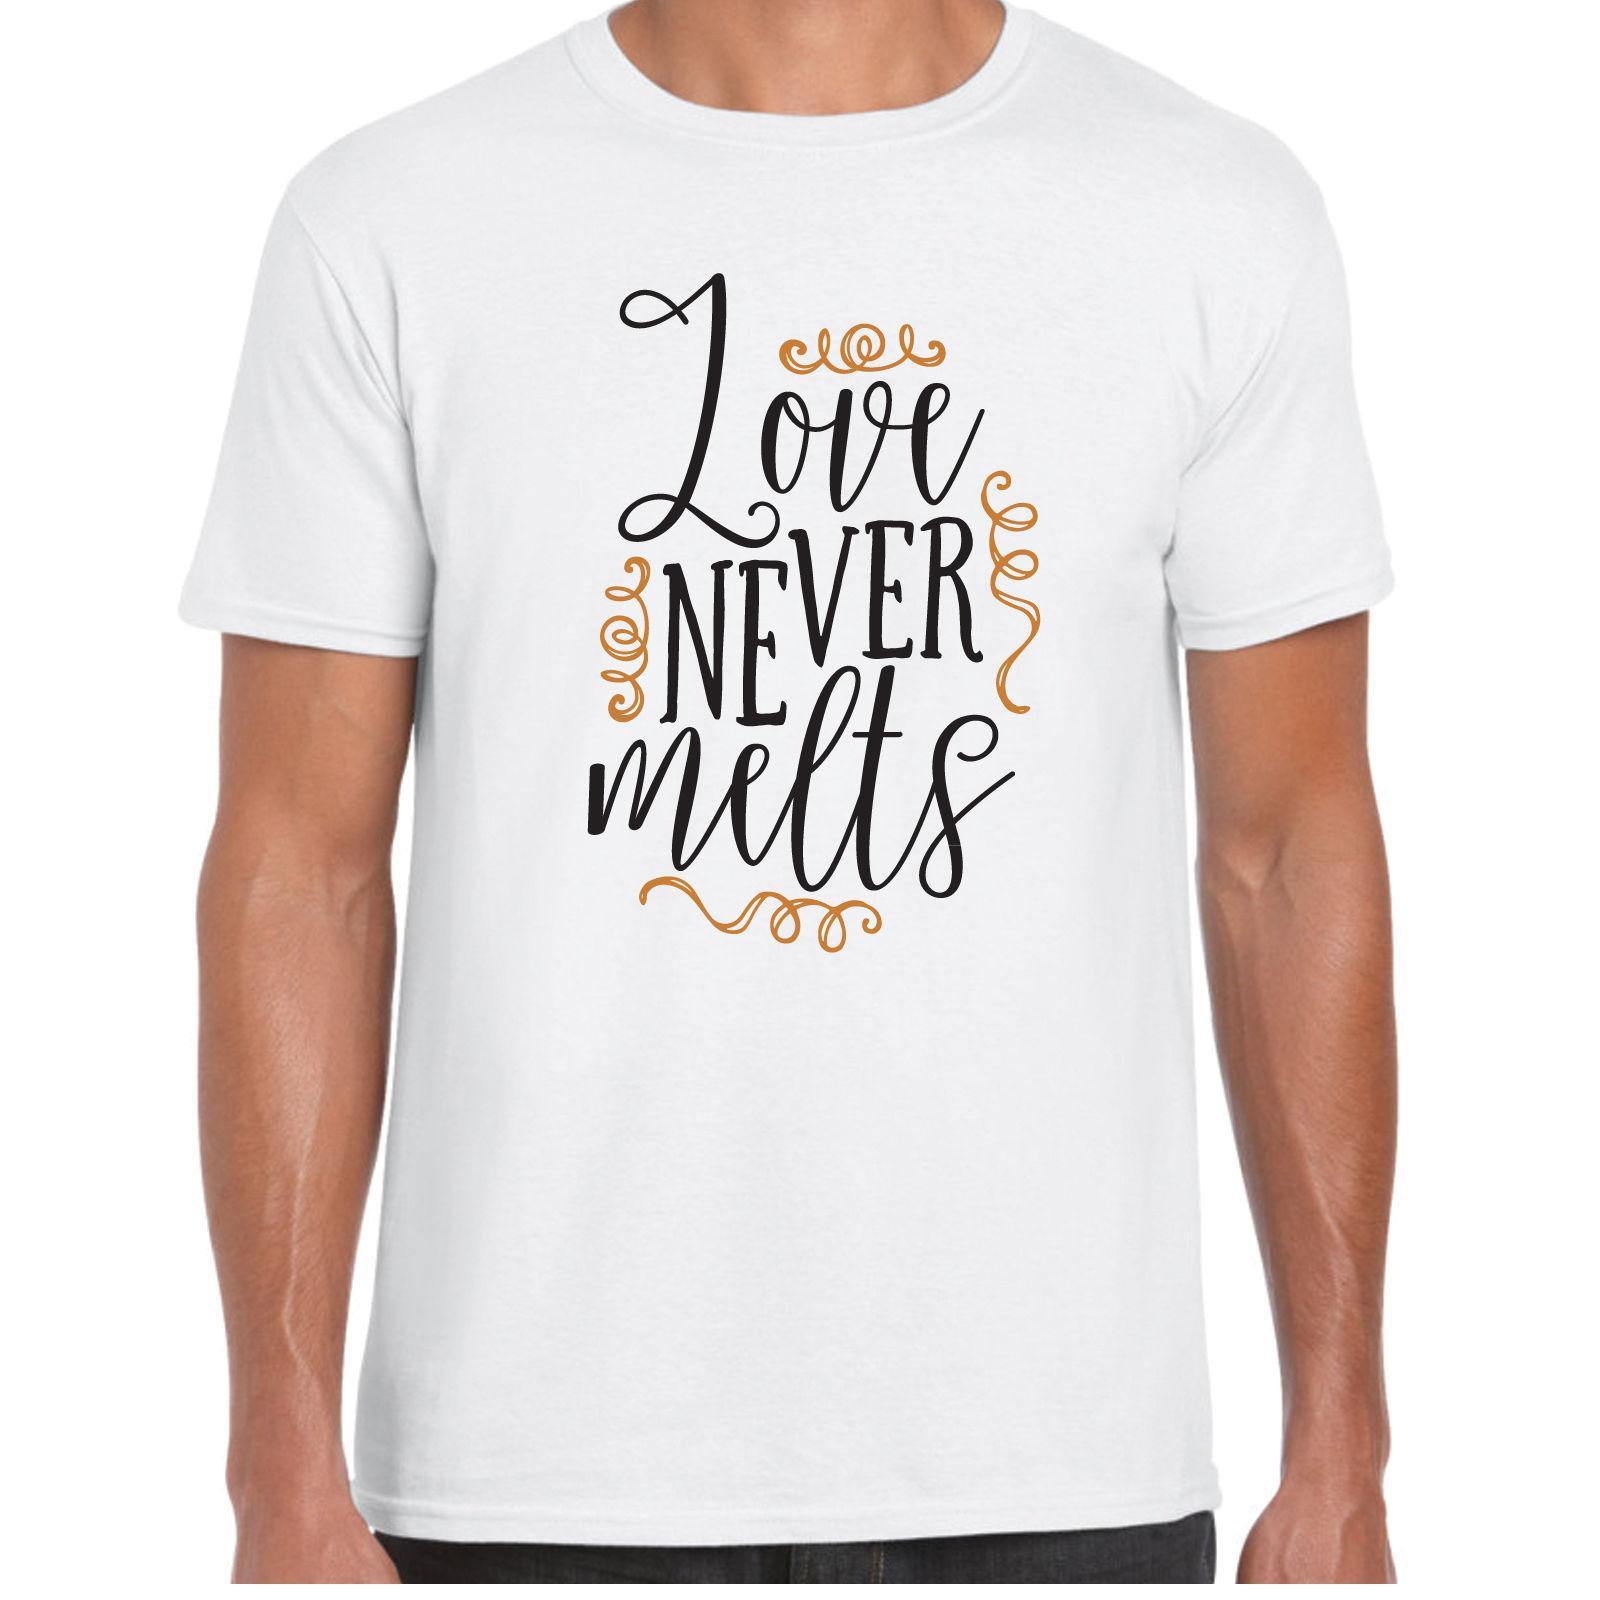 Compre El Amor Nunca Se Derrite Camisa Menst Regalo De Aniversario De  Cumpleaños De San Valentín A  11.56 Del Sportswearing  c59d7fd055350